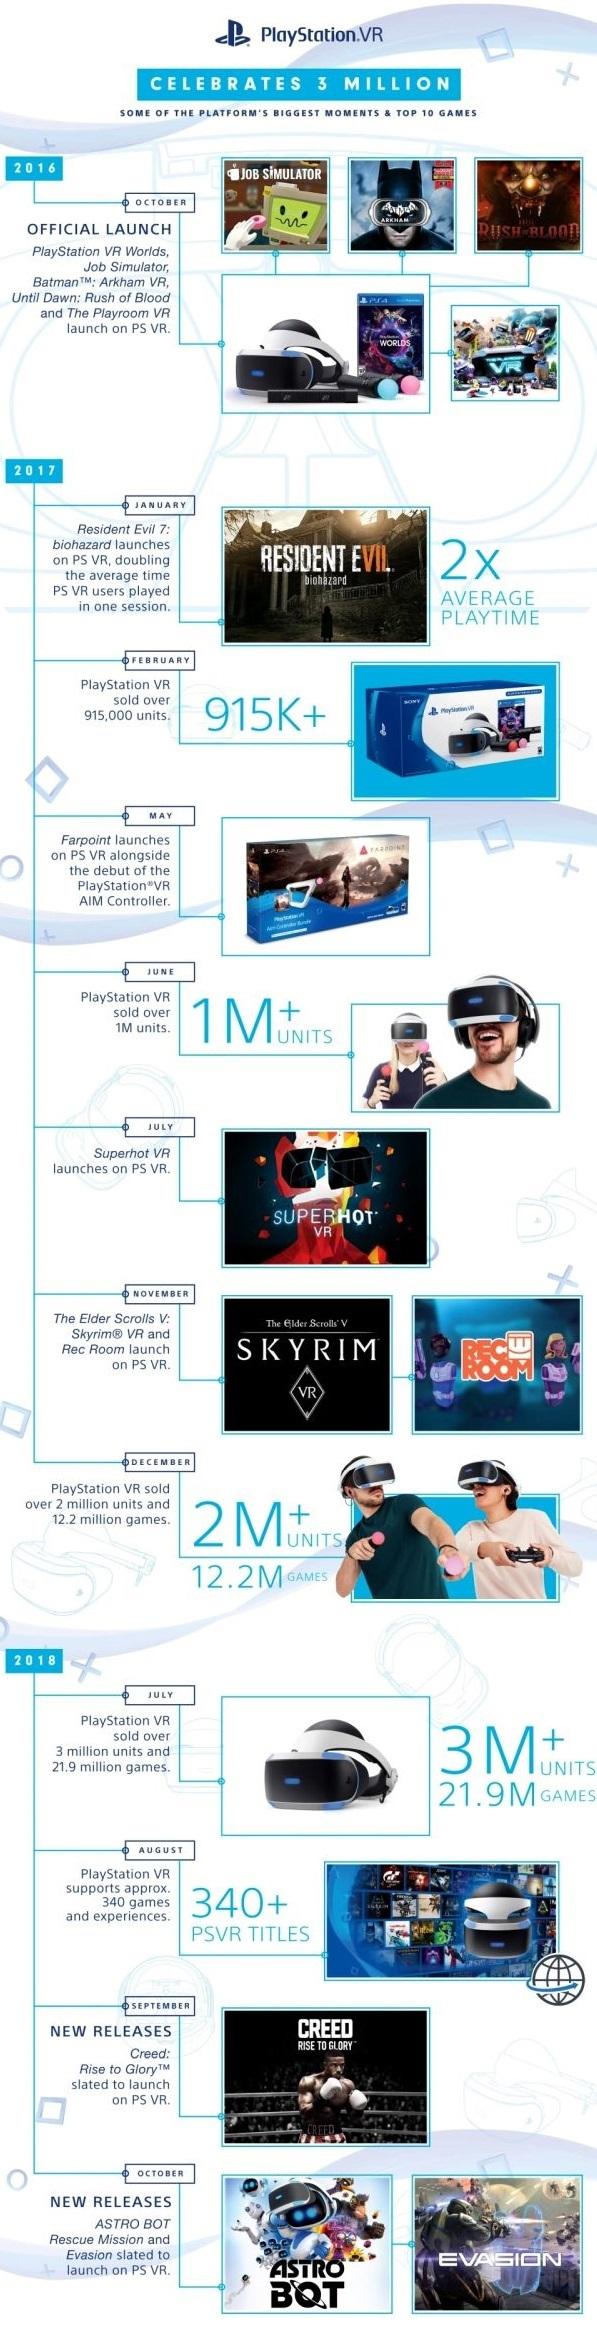 Продав 3 млн гарнитур PlayStation VR компания Sony оппубликовала статистику самых популярных VR-тайтлов